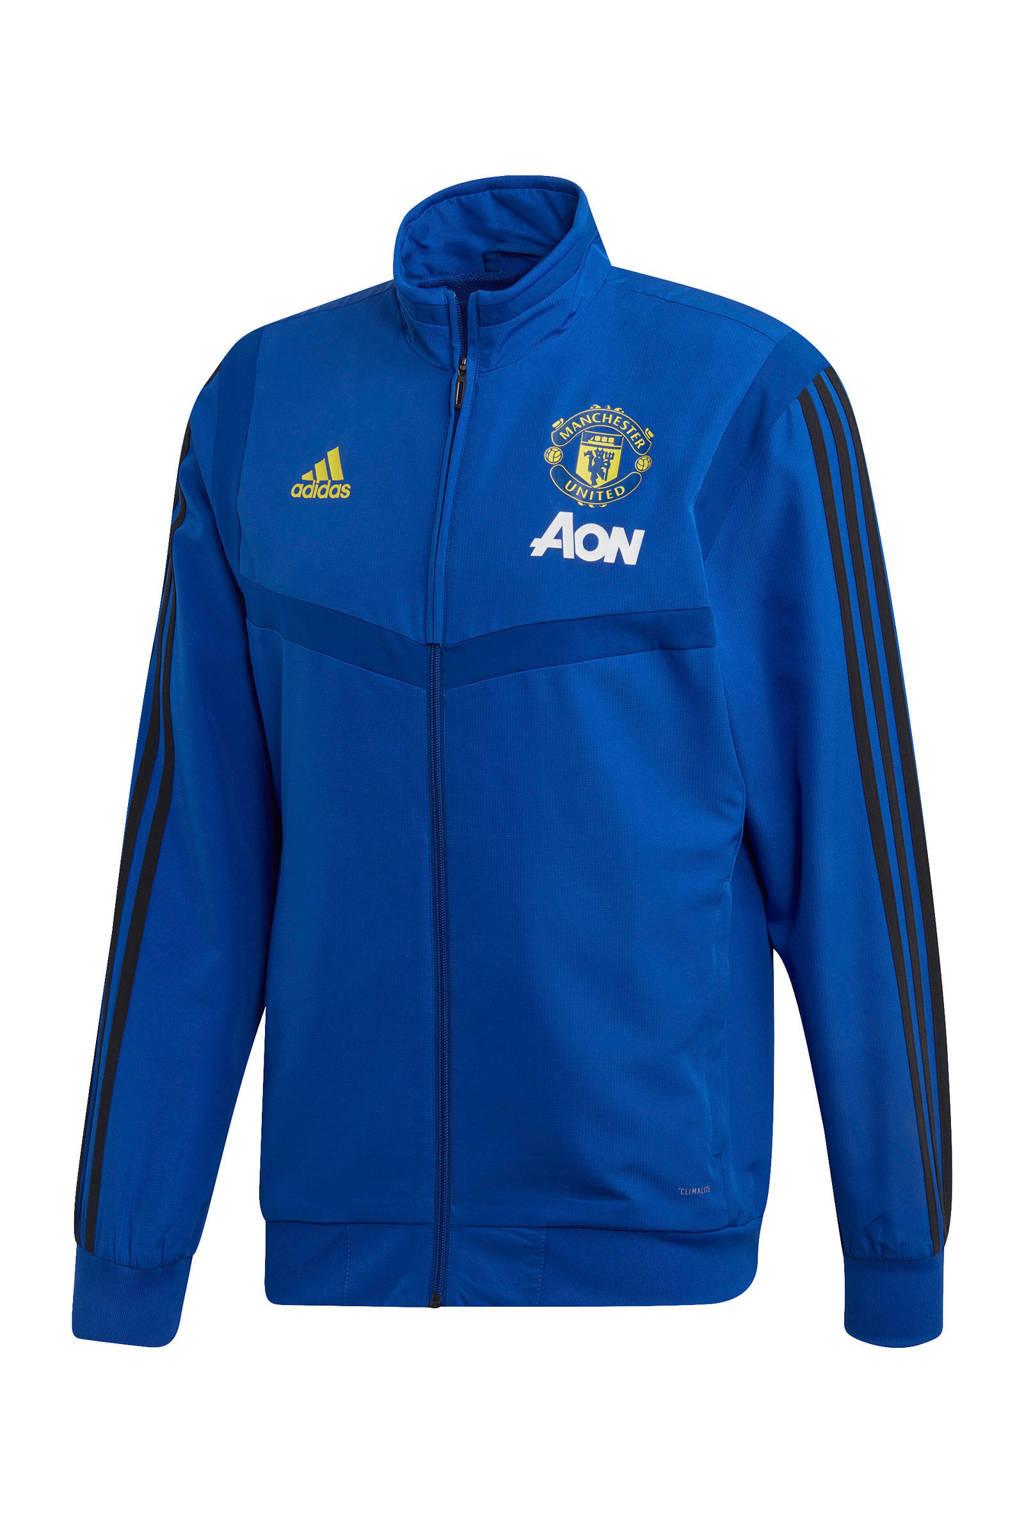 adidas Senior Manchester United voetbaljack Presentatie, Blauw/zwart